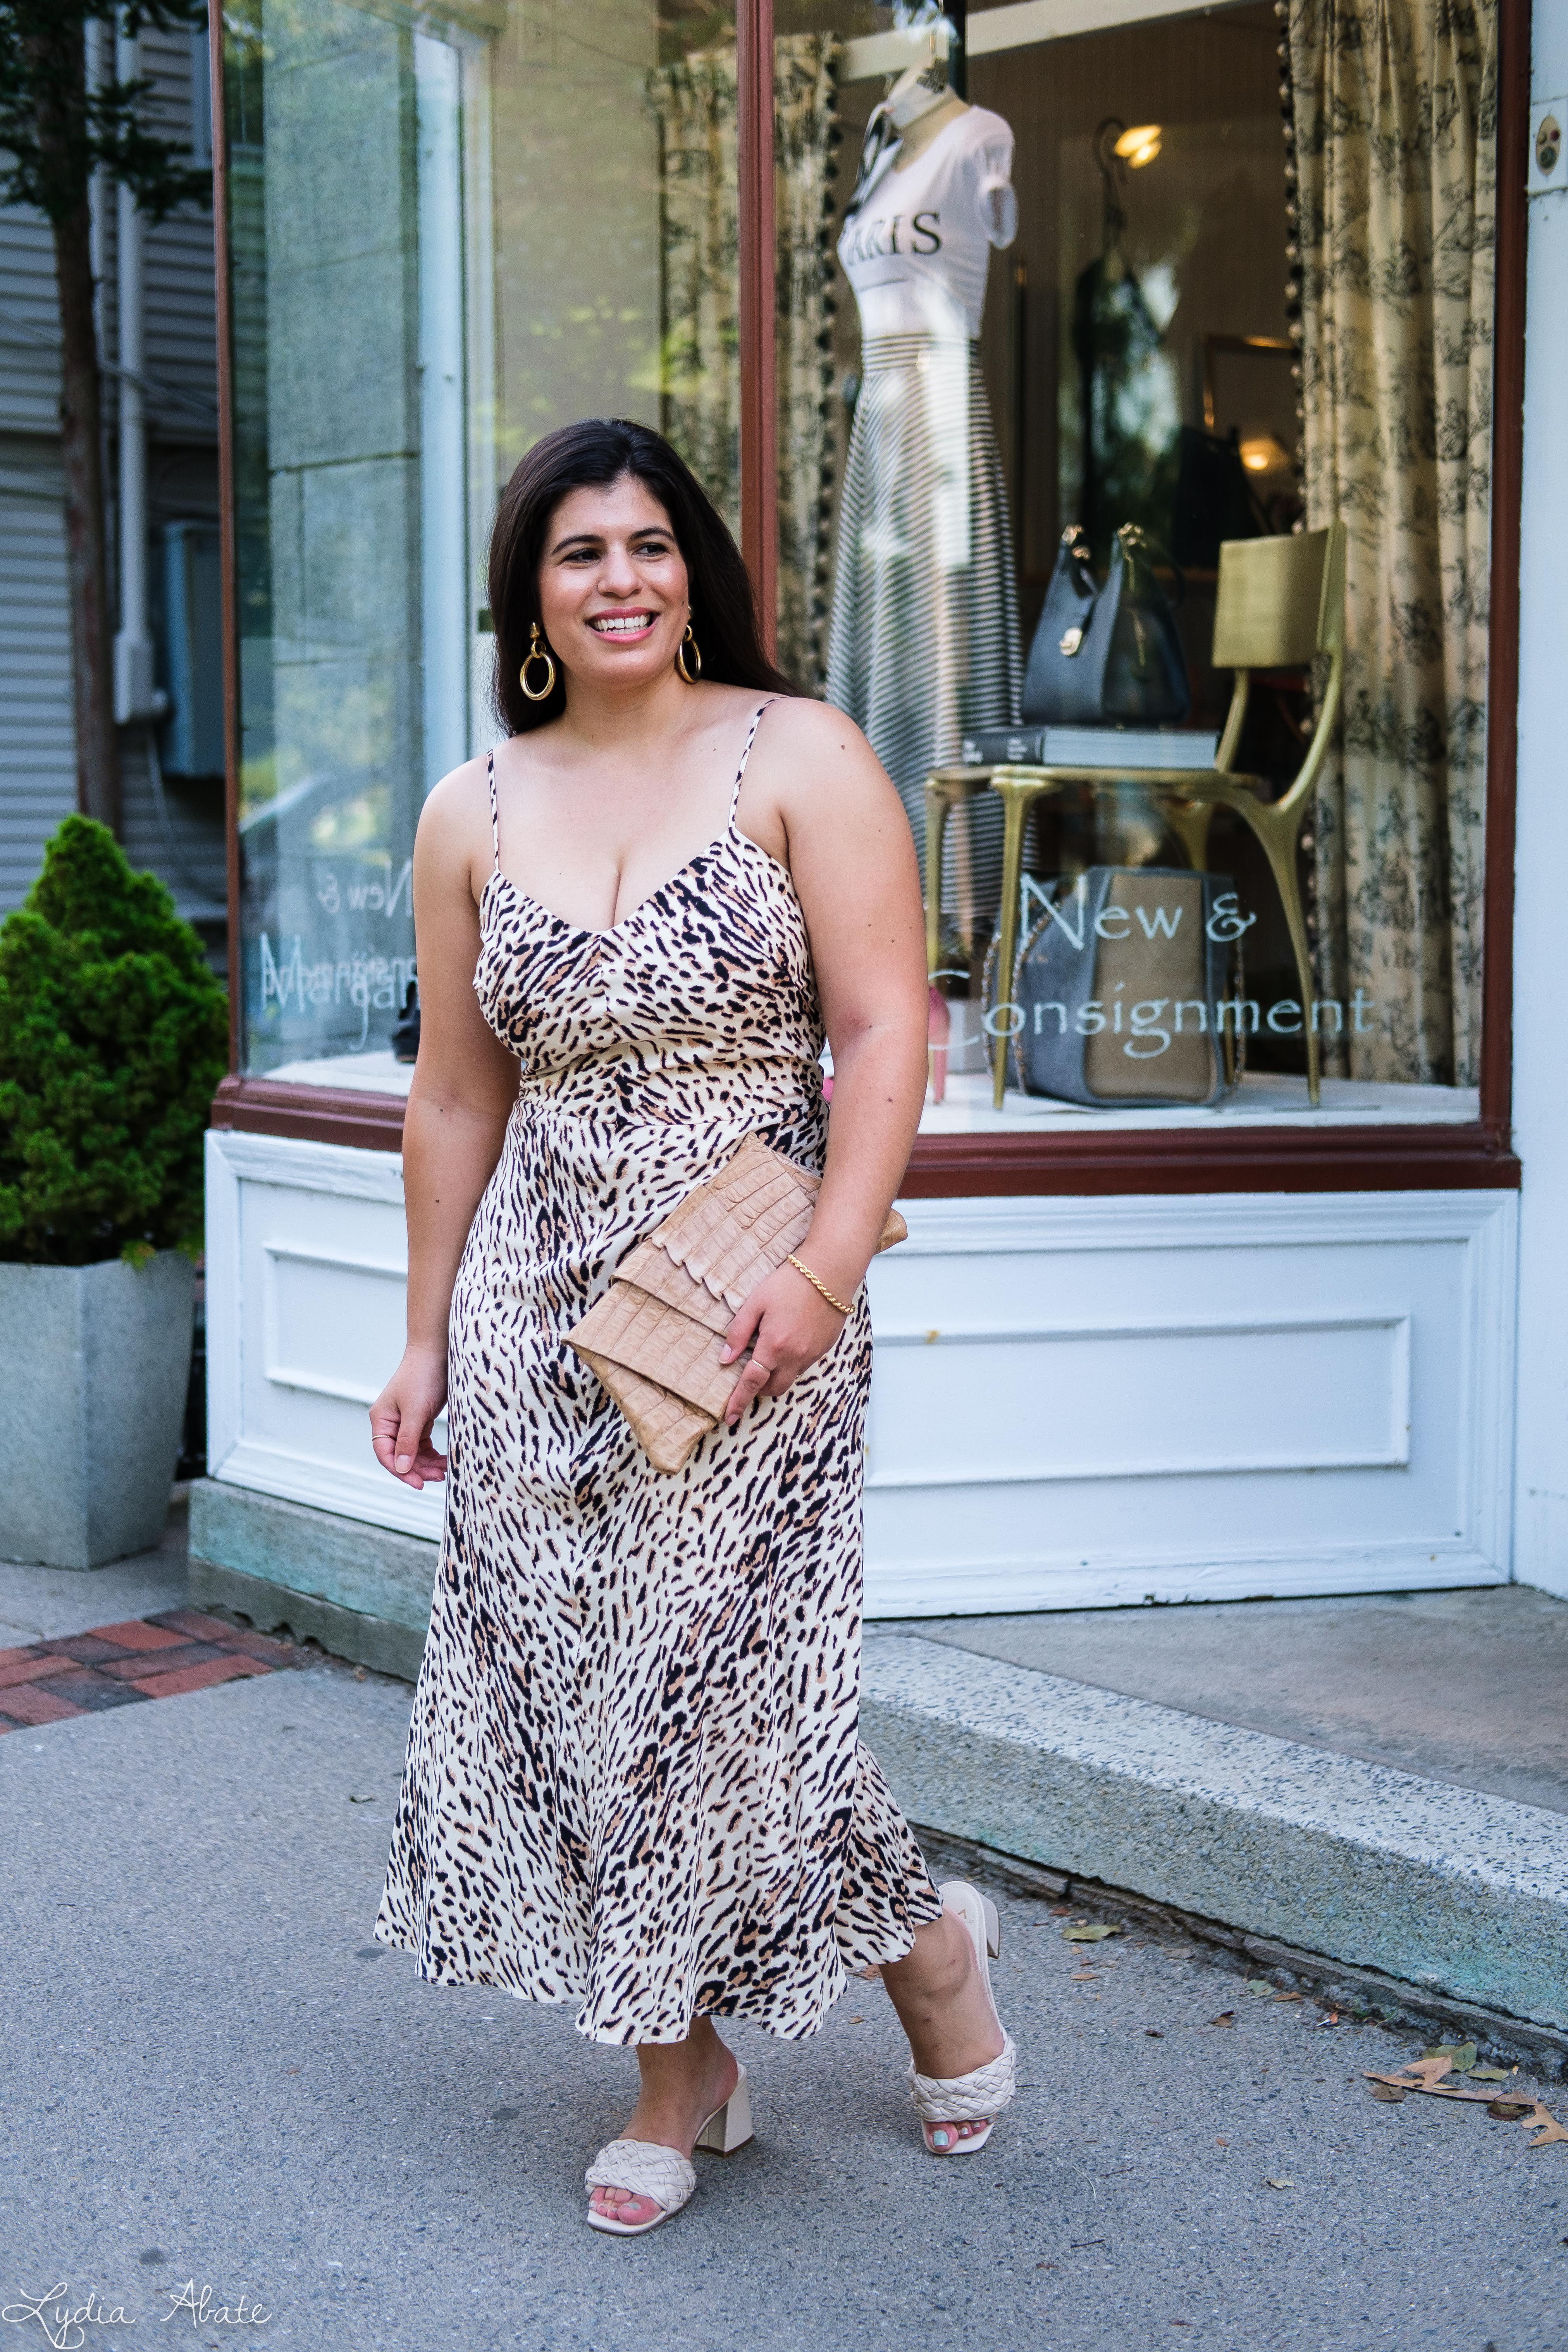 leopard print slip dress, woven slide sandals, Juliette Jake reptile wrap clutch-2.jpg